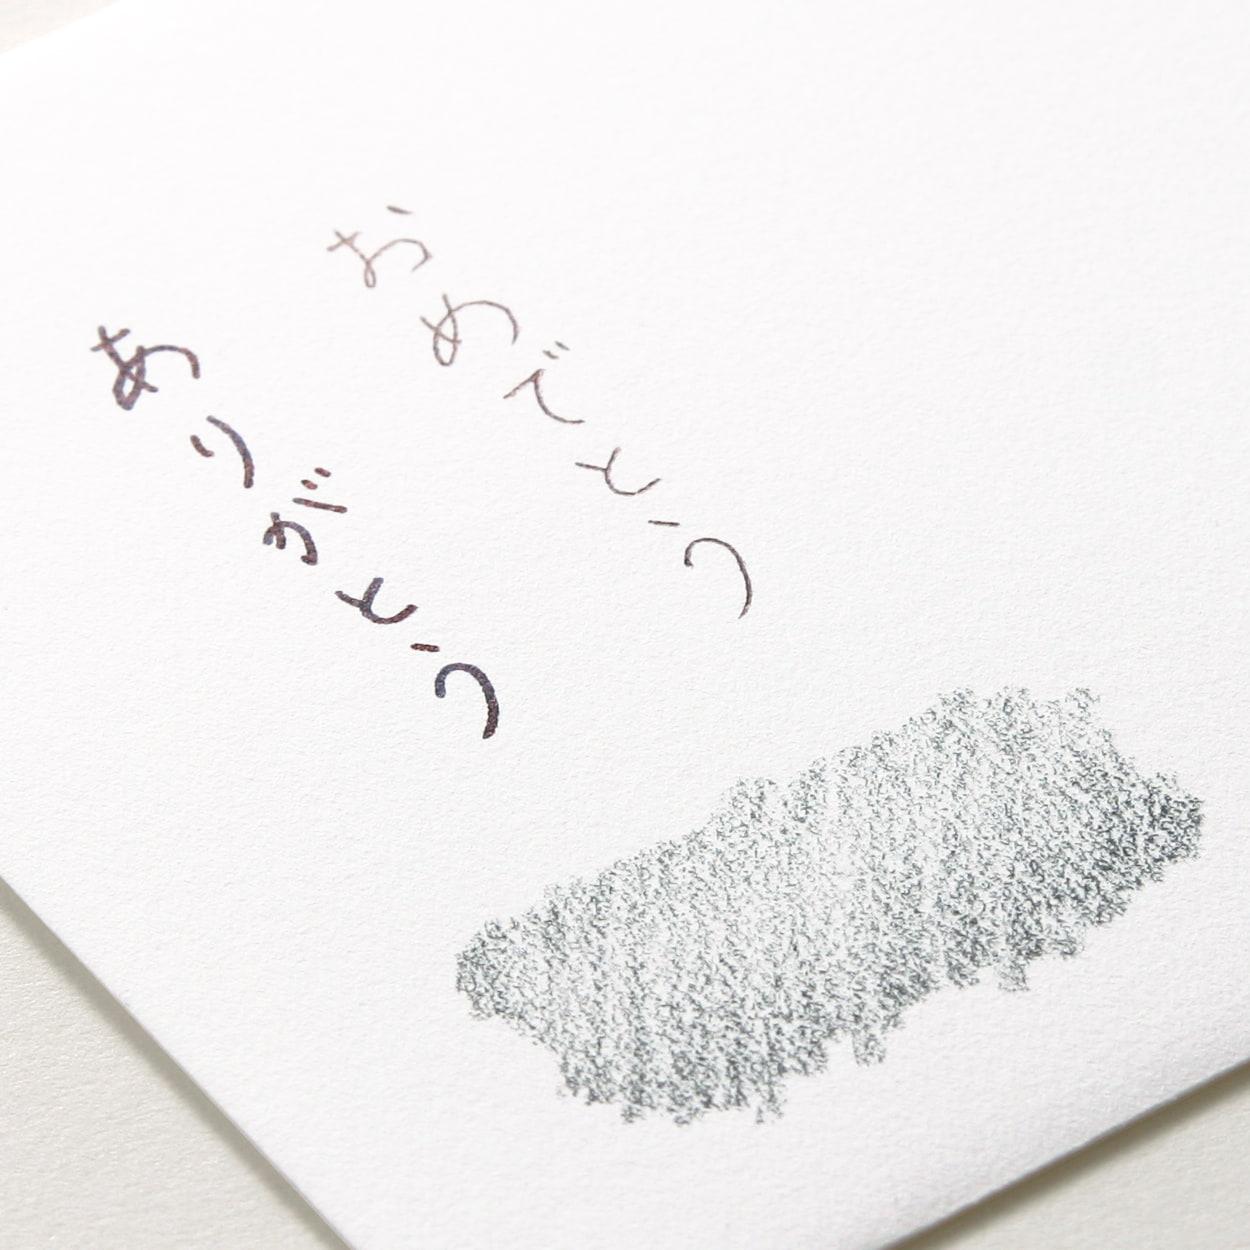 洋2ダイア封筒 コットン スノーホワイト 116.3g